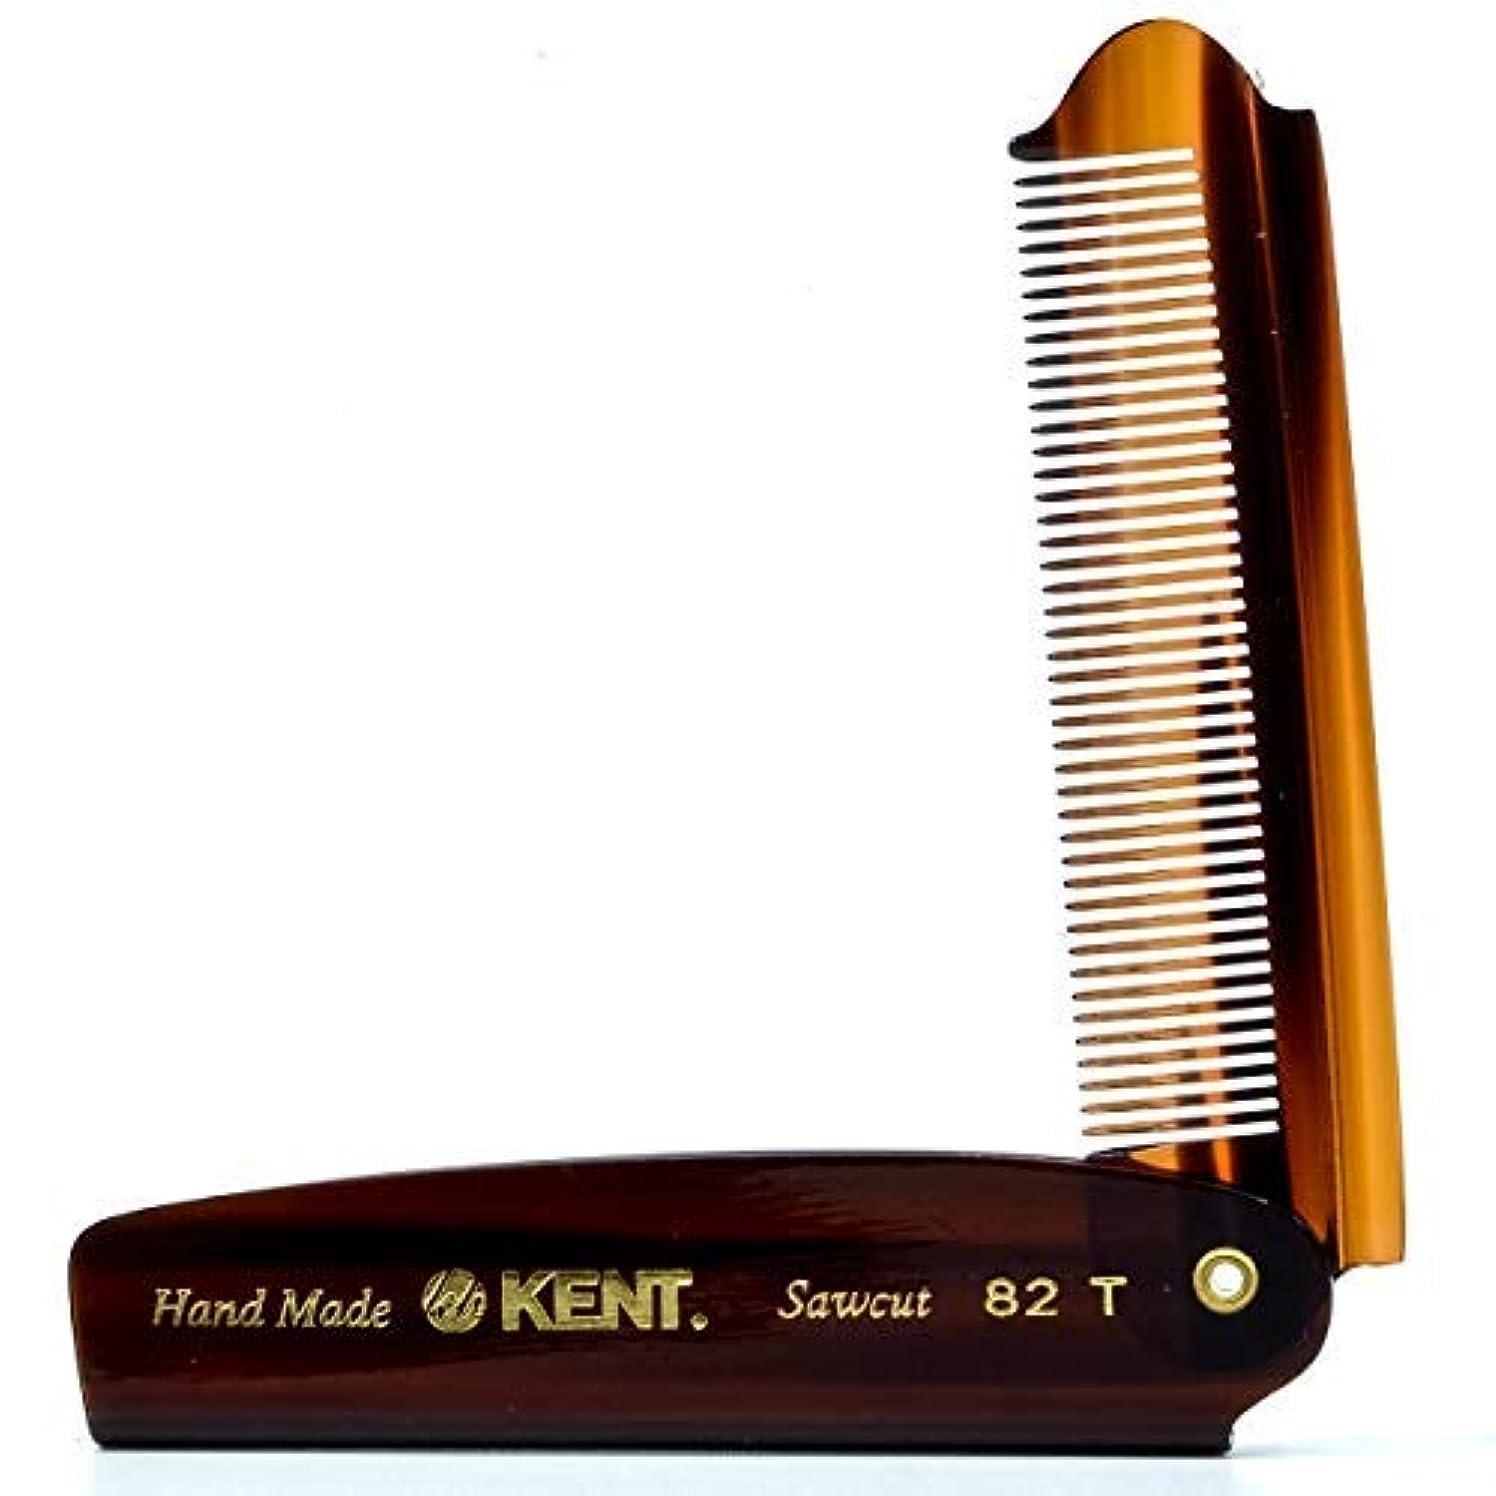 マントルラジエーター歌Kent the Hand Made Fine Cut 4 Inches Folding Pocket Comb 82T for Men [並行輸入品]